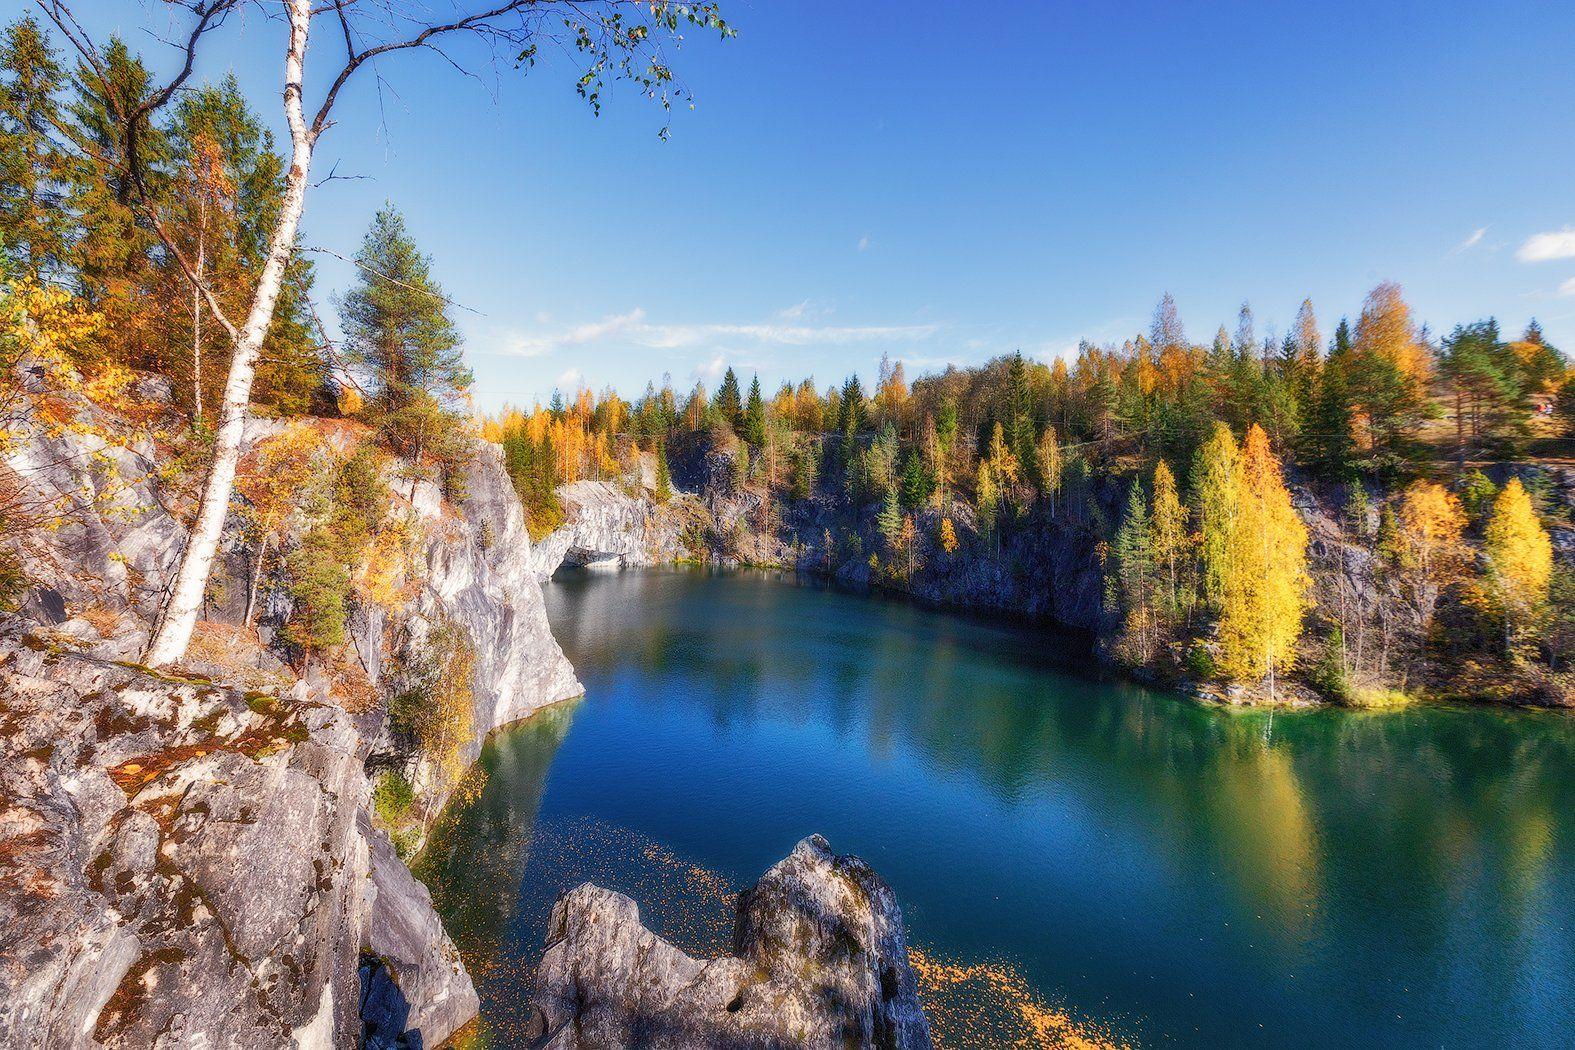 карелия, рускеала, озеро, парк, мраморный, каньон, Липецких Владимир